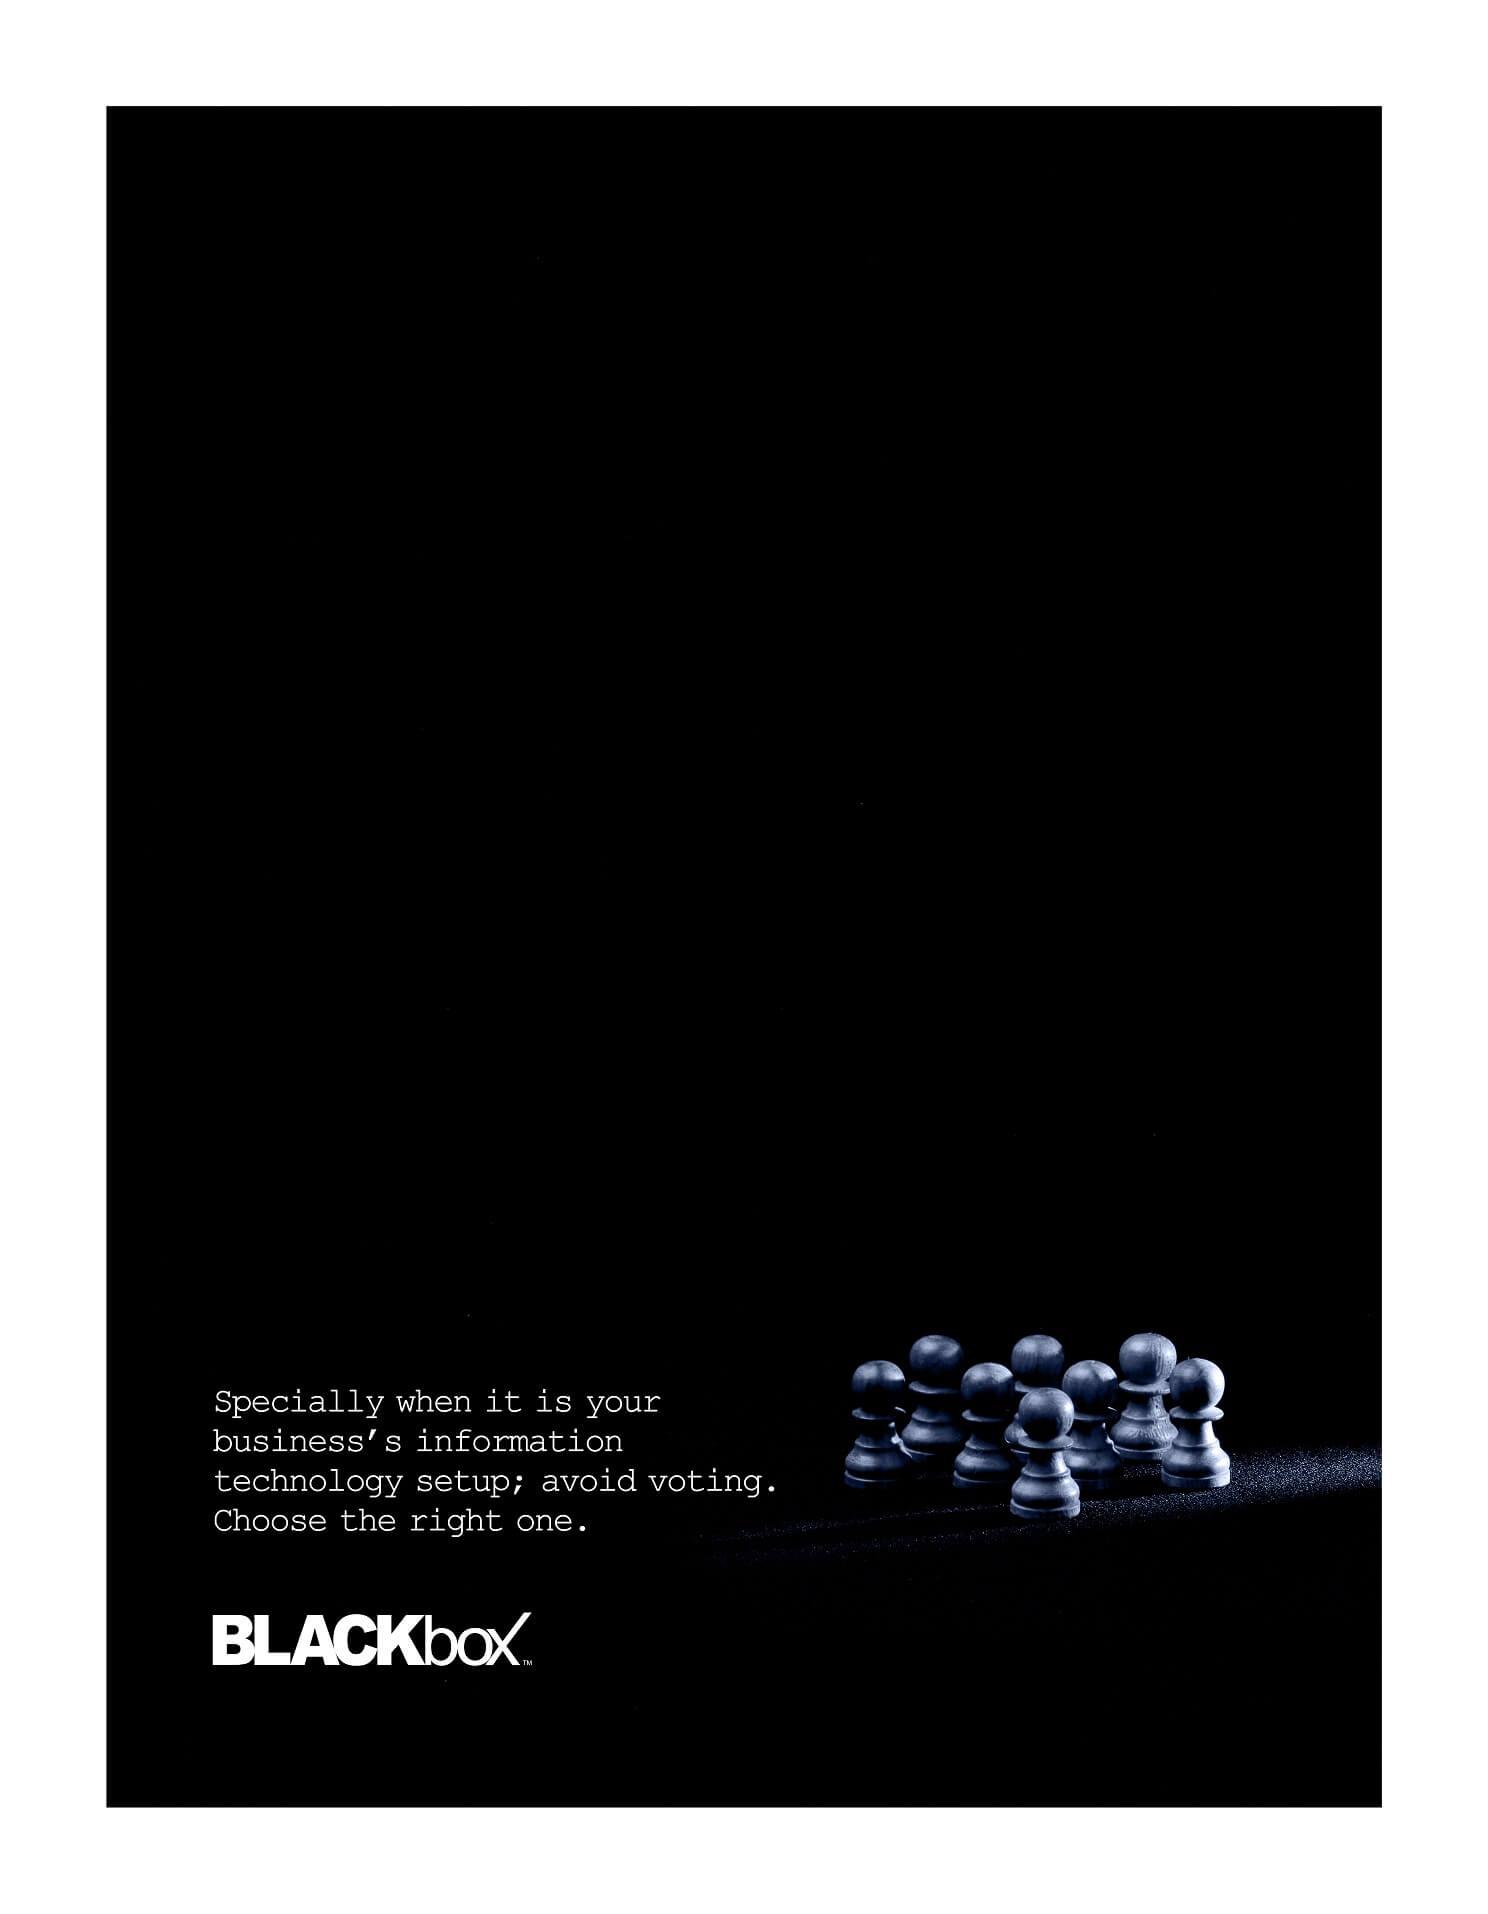 blackbox-conc-caravan-mar2012-finalversion-forpress-backcover